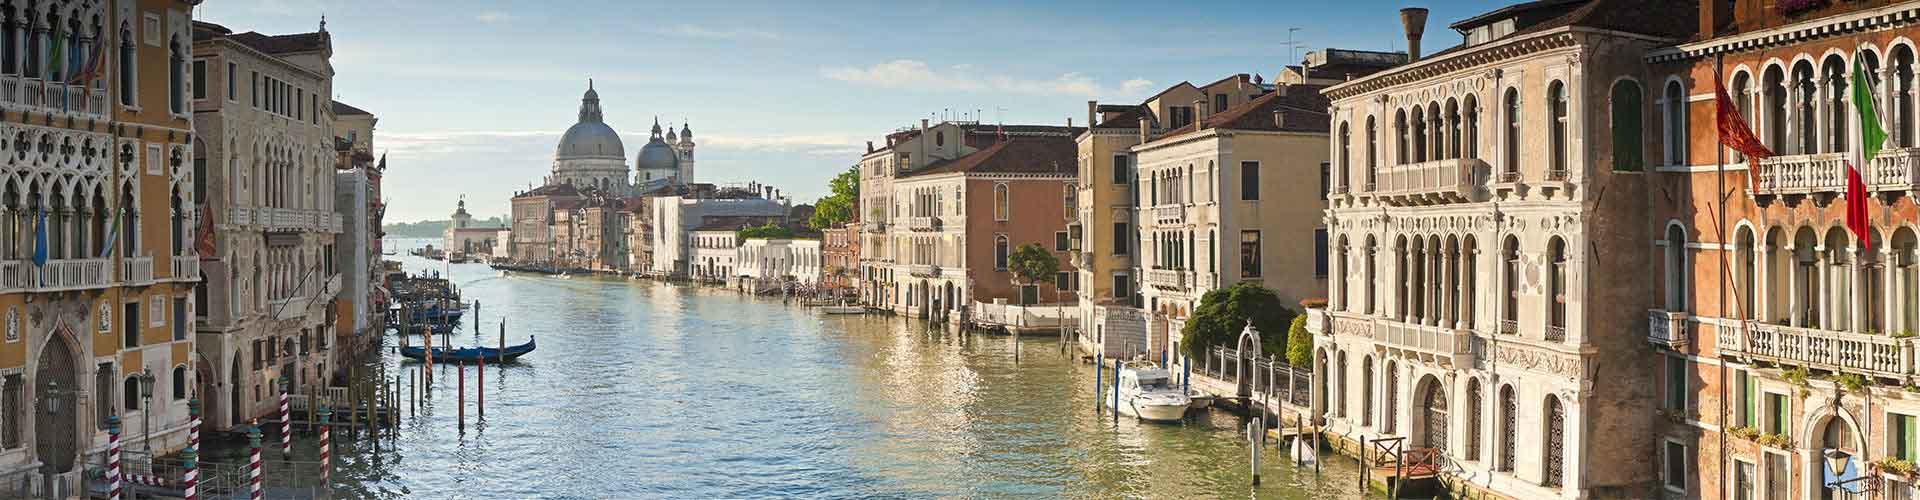 Venecia - Albergues en el distrito Dorsoduro, S. Polo, S. Cruz, de la Giudecca, Sack Fisola . Mapas de Venecia, Fotos y Comentarios para cada Albergue en Venecia.